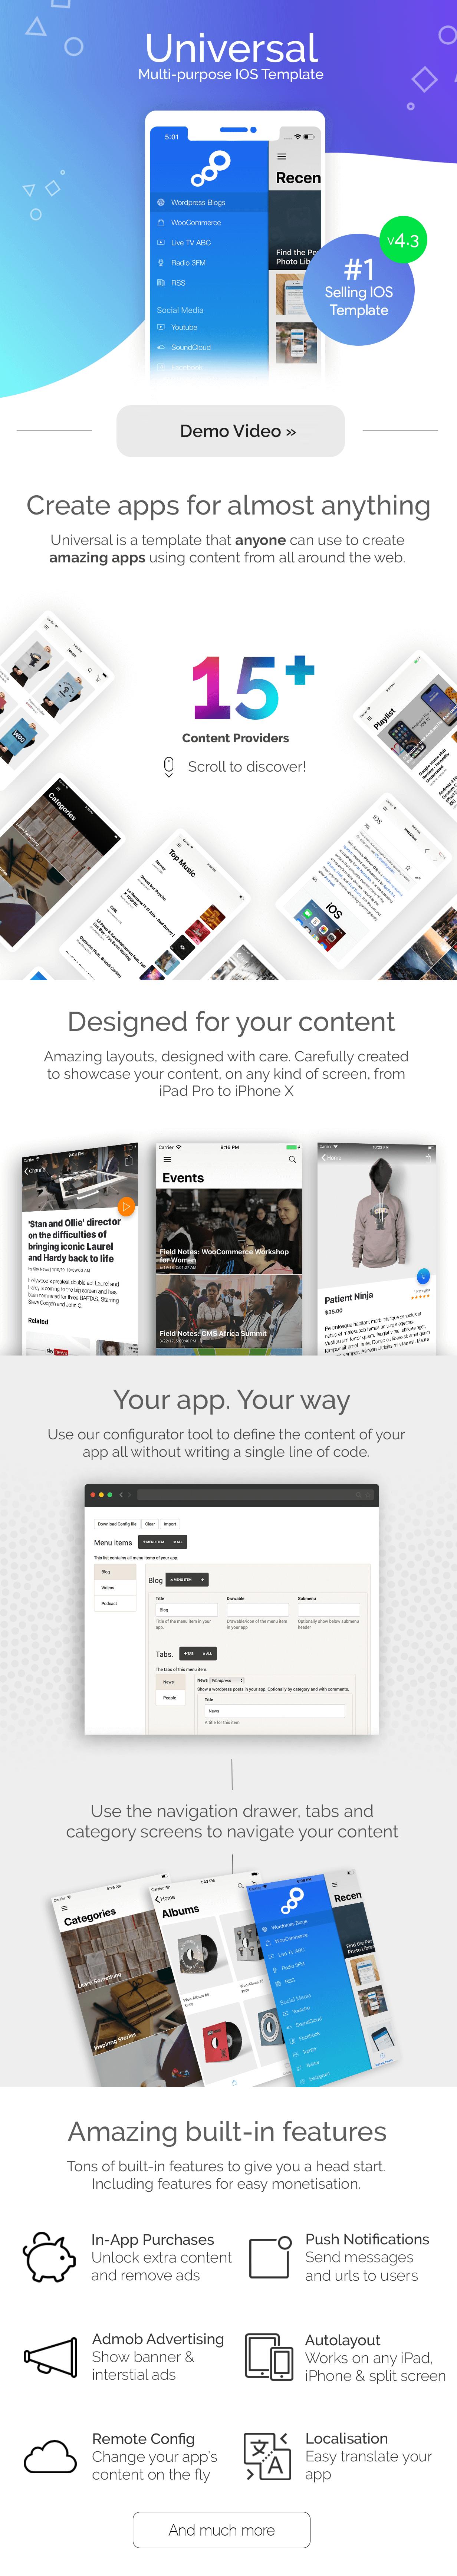 Universal for IOS - Full Multi-Purpose IOS app - 1